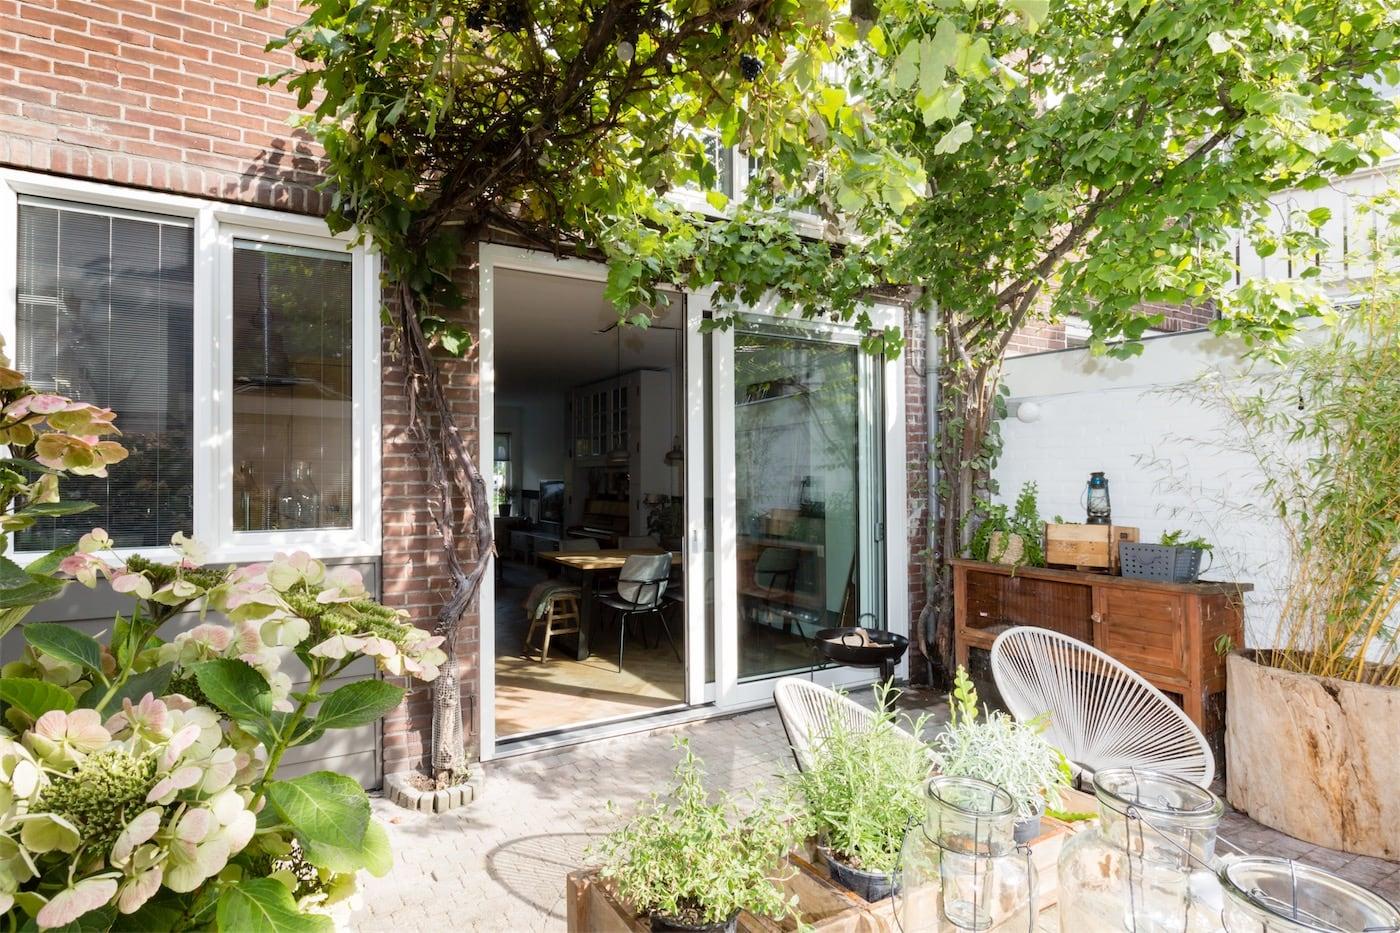 Select Windows Kunststof kozijnen - kunststof schuifpui in vtwonen metamorfose verbouwen of verhuizen - 5 ideeën voor een fijne zomer in eigen huis en tuin